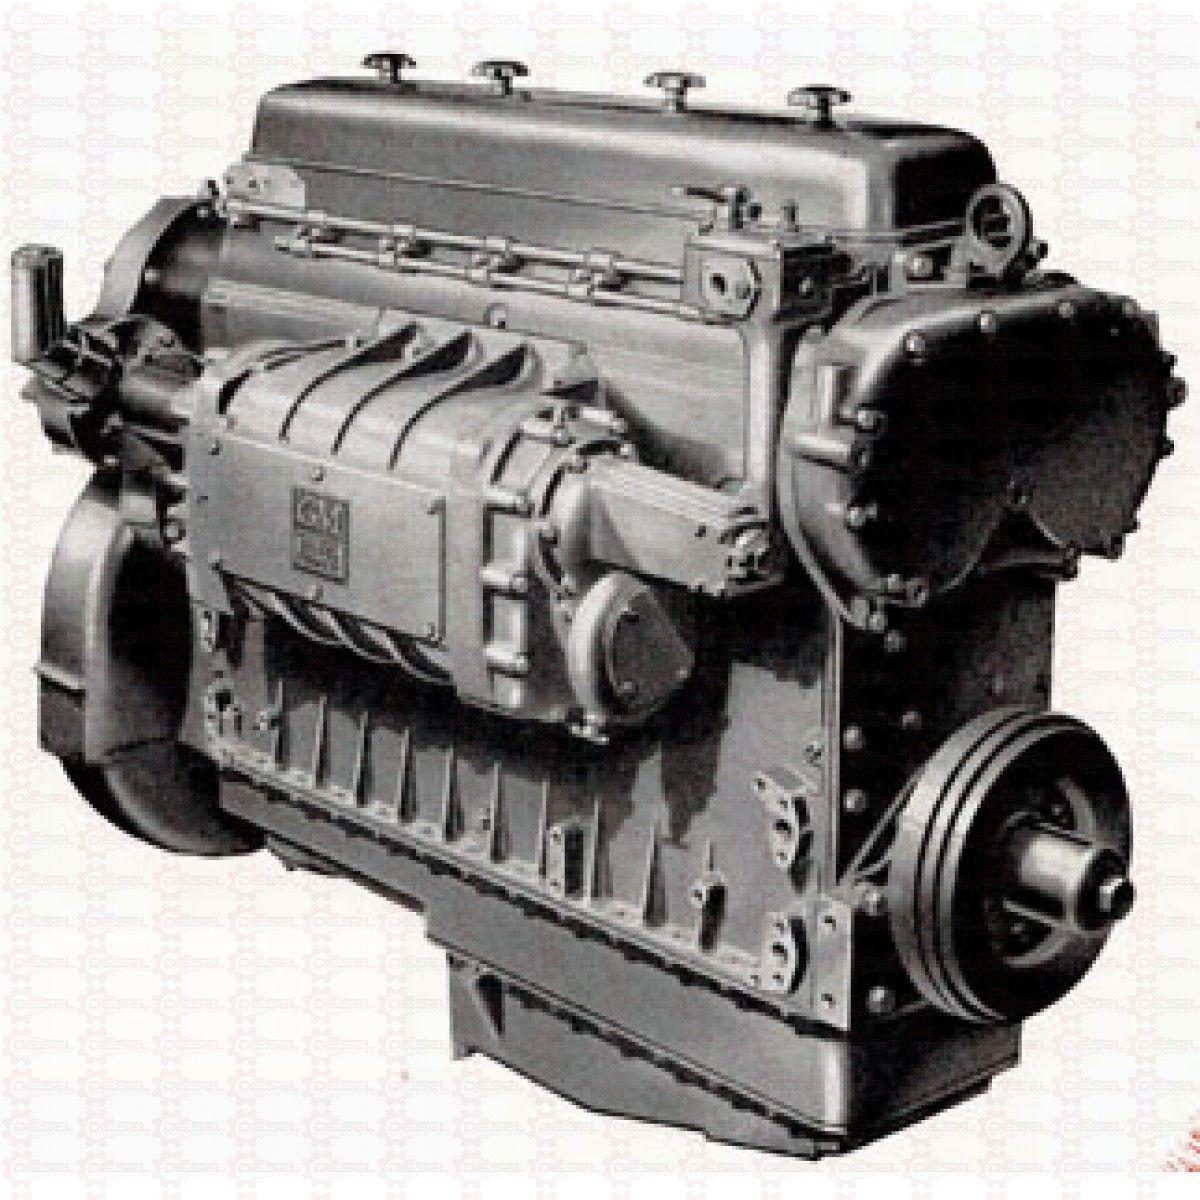 Piston-Less Detroit Diesel 6-71 Engine In-frame / Overhaul